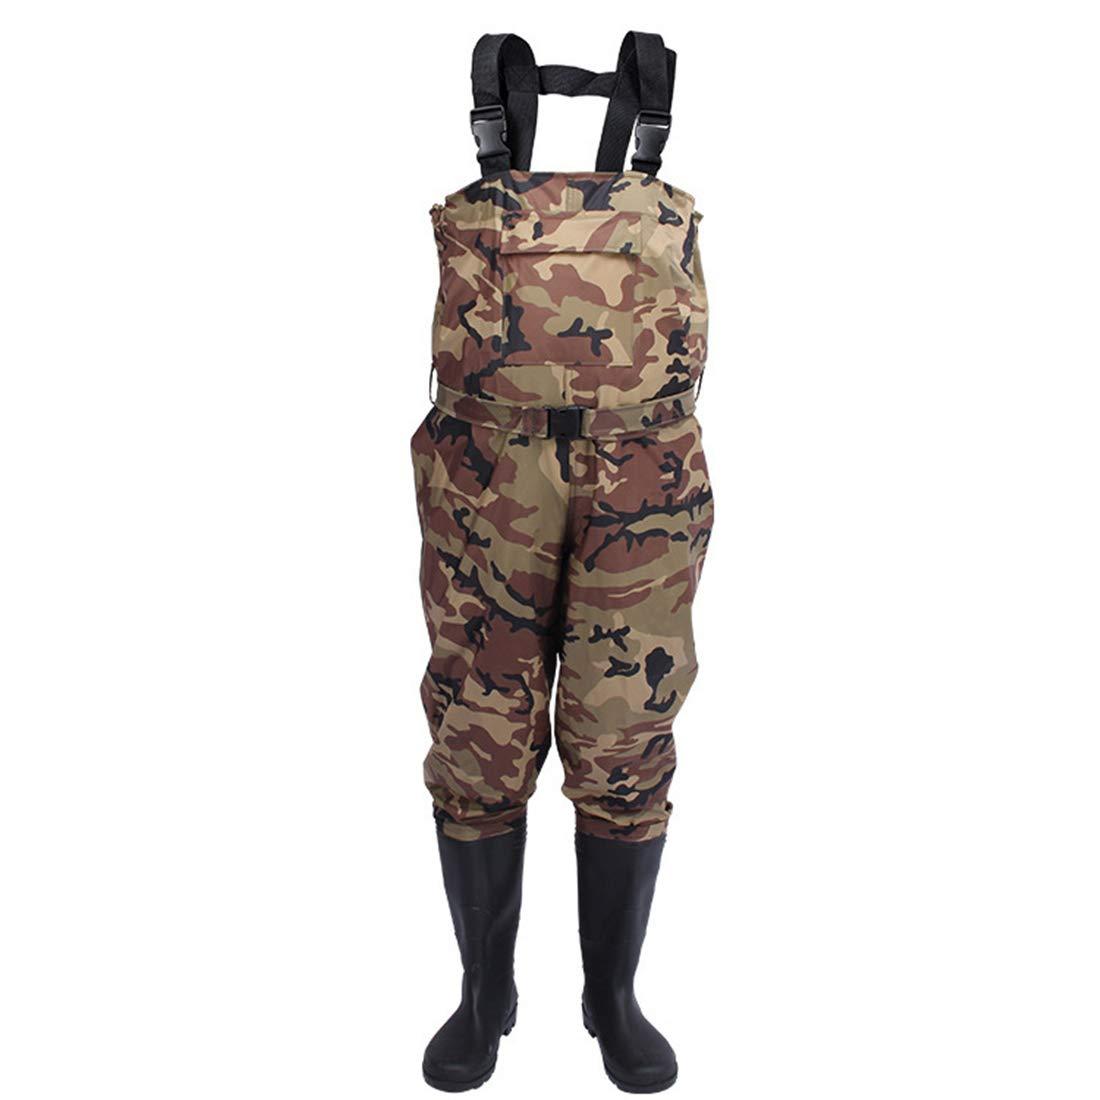 Wader Pants-Fishing Waders Waders Waders Chest Wader Fishing Pants mit Stiefel Waterproof Breathable Army Grün Loose Waders B07Q9LK3GP Regenhosen Trendy 2976d4